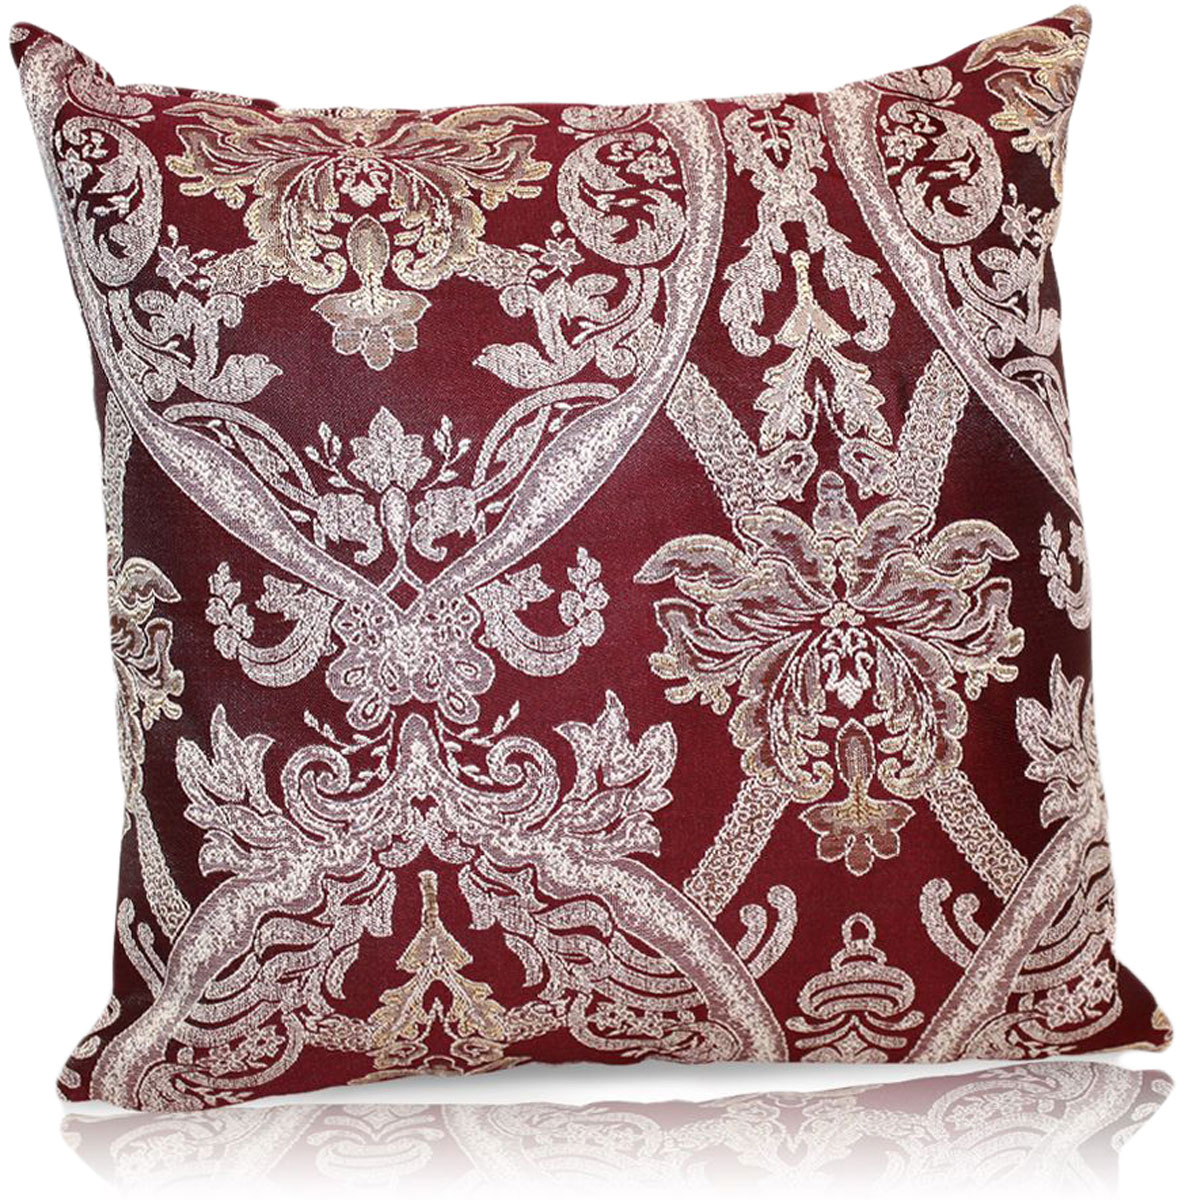 """Декоративная подушка """"Мауритани"""" прекрасно дополнит интерьер спальни или гостиной.  Чехол  подушки выполнен из жаккардовой ткани. Внутри находится мягкий наполнитель. Чехол  легко снимается  благодаря потайной молнии."""